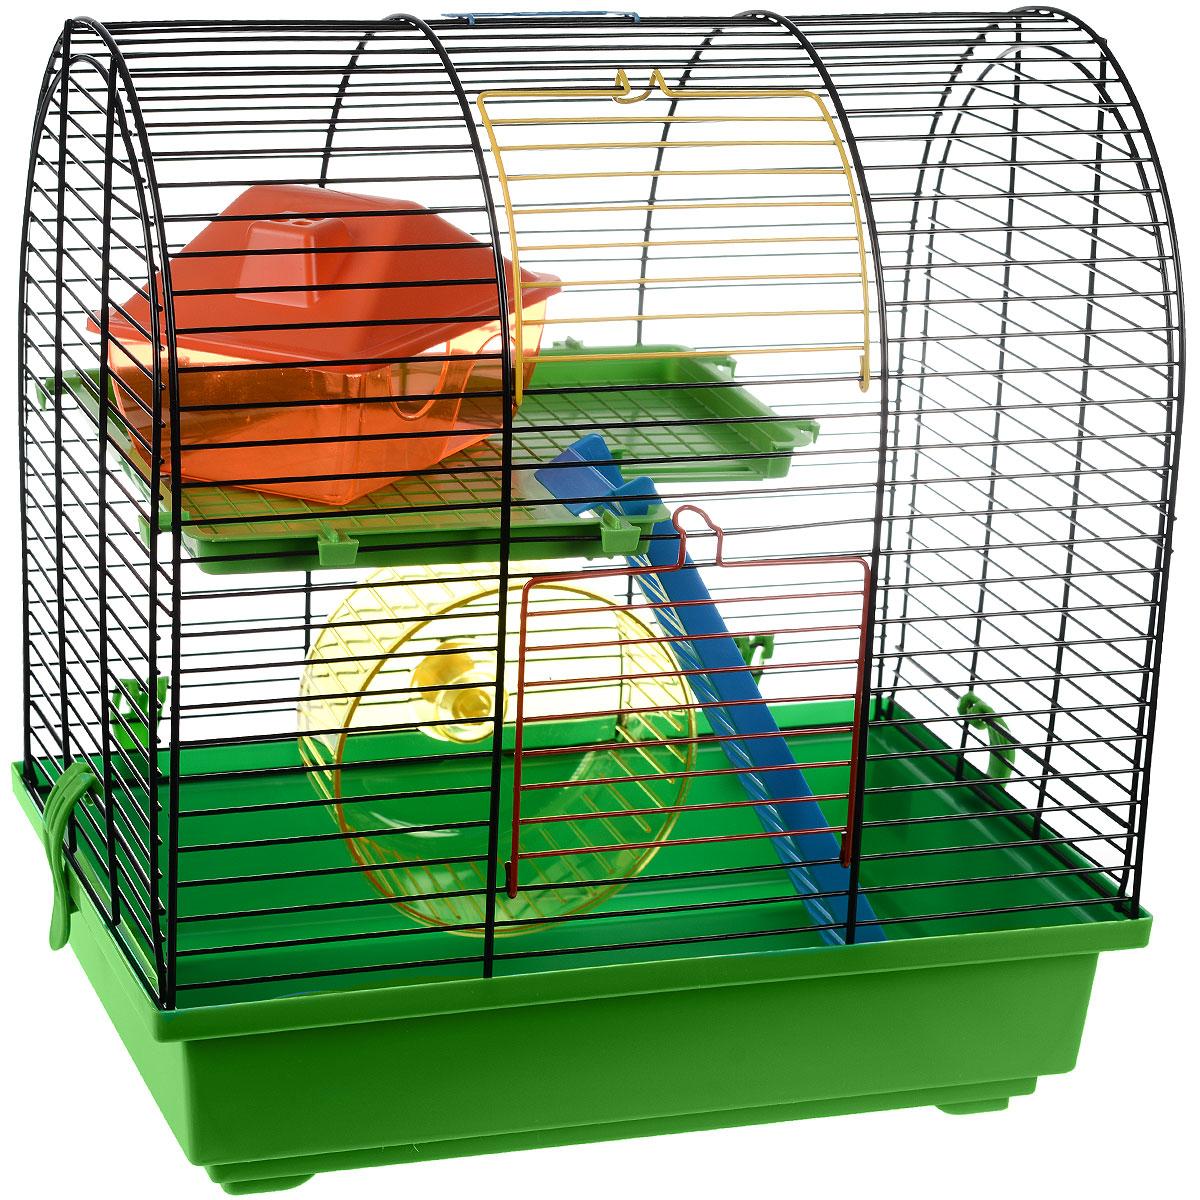 Клетка для грызунов I.P.T.S. Grim 2, цвет: черный, зеленый, 37 см х 25 см х 39 см0120710Небольшая клетка снабжена всем необходимым для отдыха и активной жизни грызунов. Клетка оборудована колесом для подвижных игр, домиком для отдыха и отдельным местом для кормления. Клетка выполнена из пластика и металла. Надежно закрывается на защелки. Подходит для хомяков и других мелких грызунов. Такая клетка станет уединенным личным пространством и уютным домиком для маленького грызуна. Уважаемые клиенты!Обращаем ваше внимание на возможные изменения в цвете деталей товара. Поставка осуществляется в зависимости от наличия на складе.